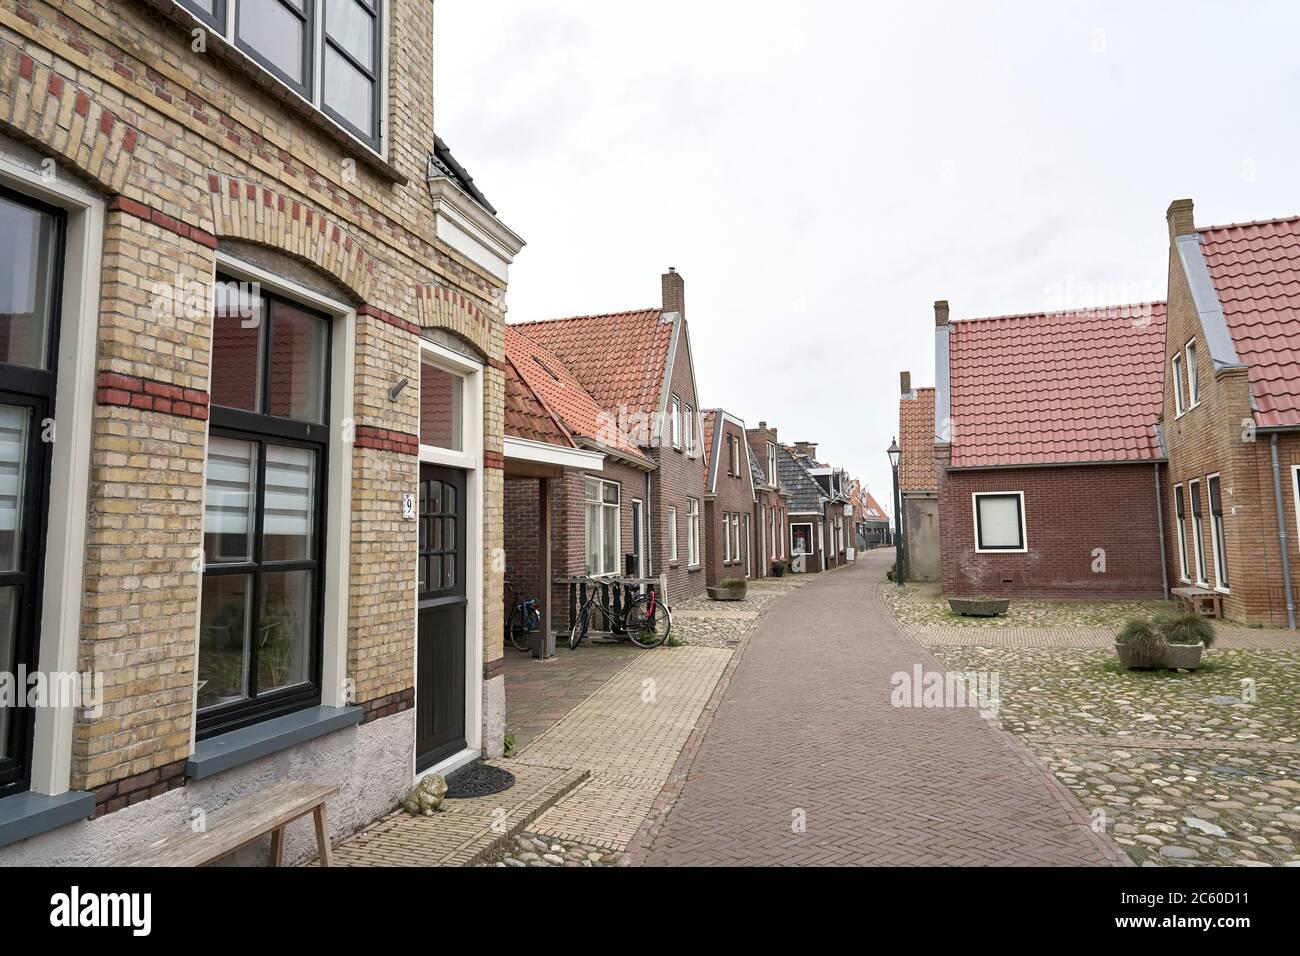 streets in Hindeloopen, Friesland, Netherlands. Stock Photo